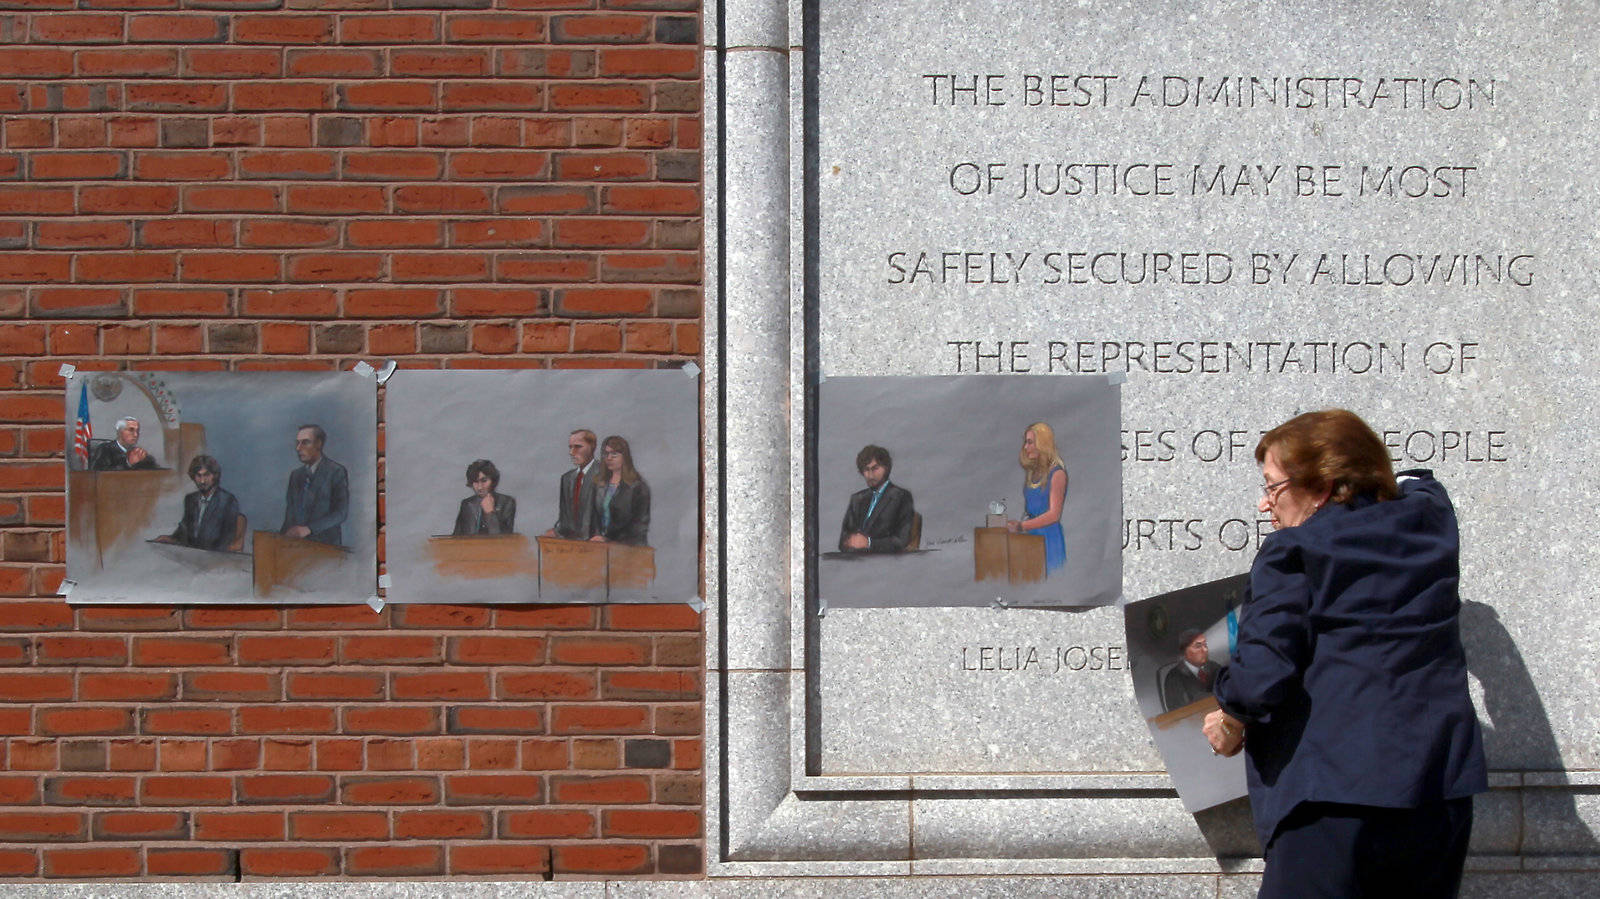 美最高法院考虑到修复墨尔本马拉松比赛爆炸事件肇事人死刑判决